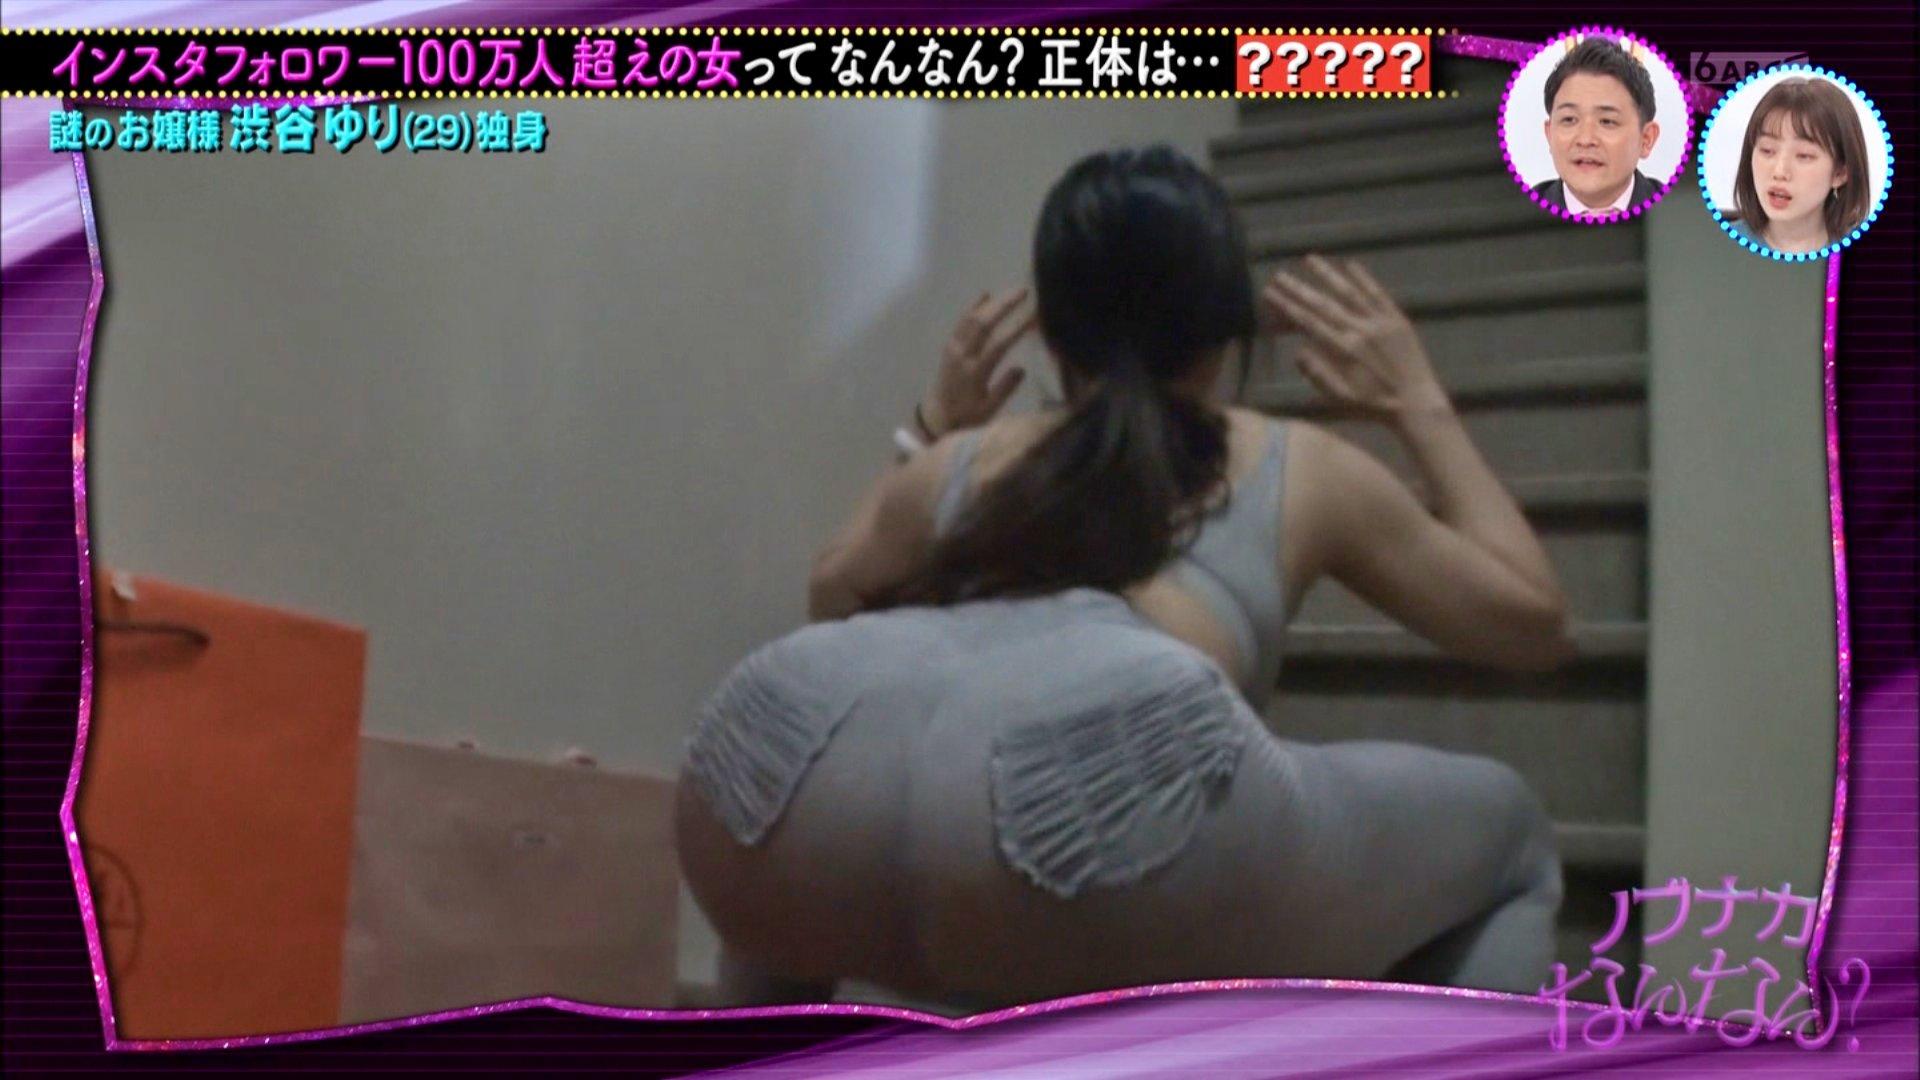 渋谷ゆり_インスタ美女_巨乳_巨尻_ノブナカなんなん?_05